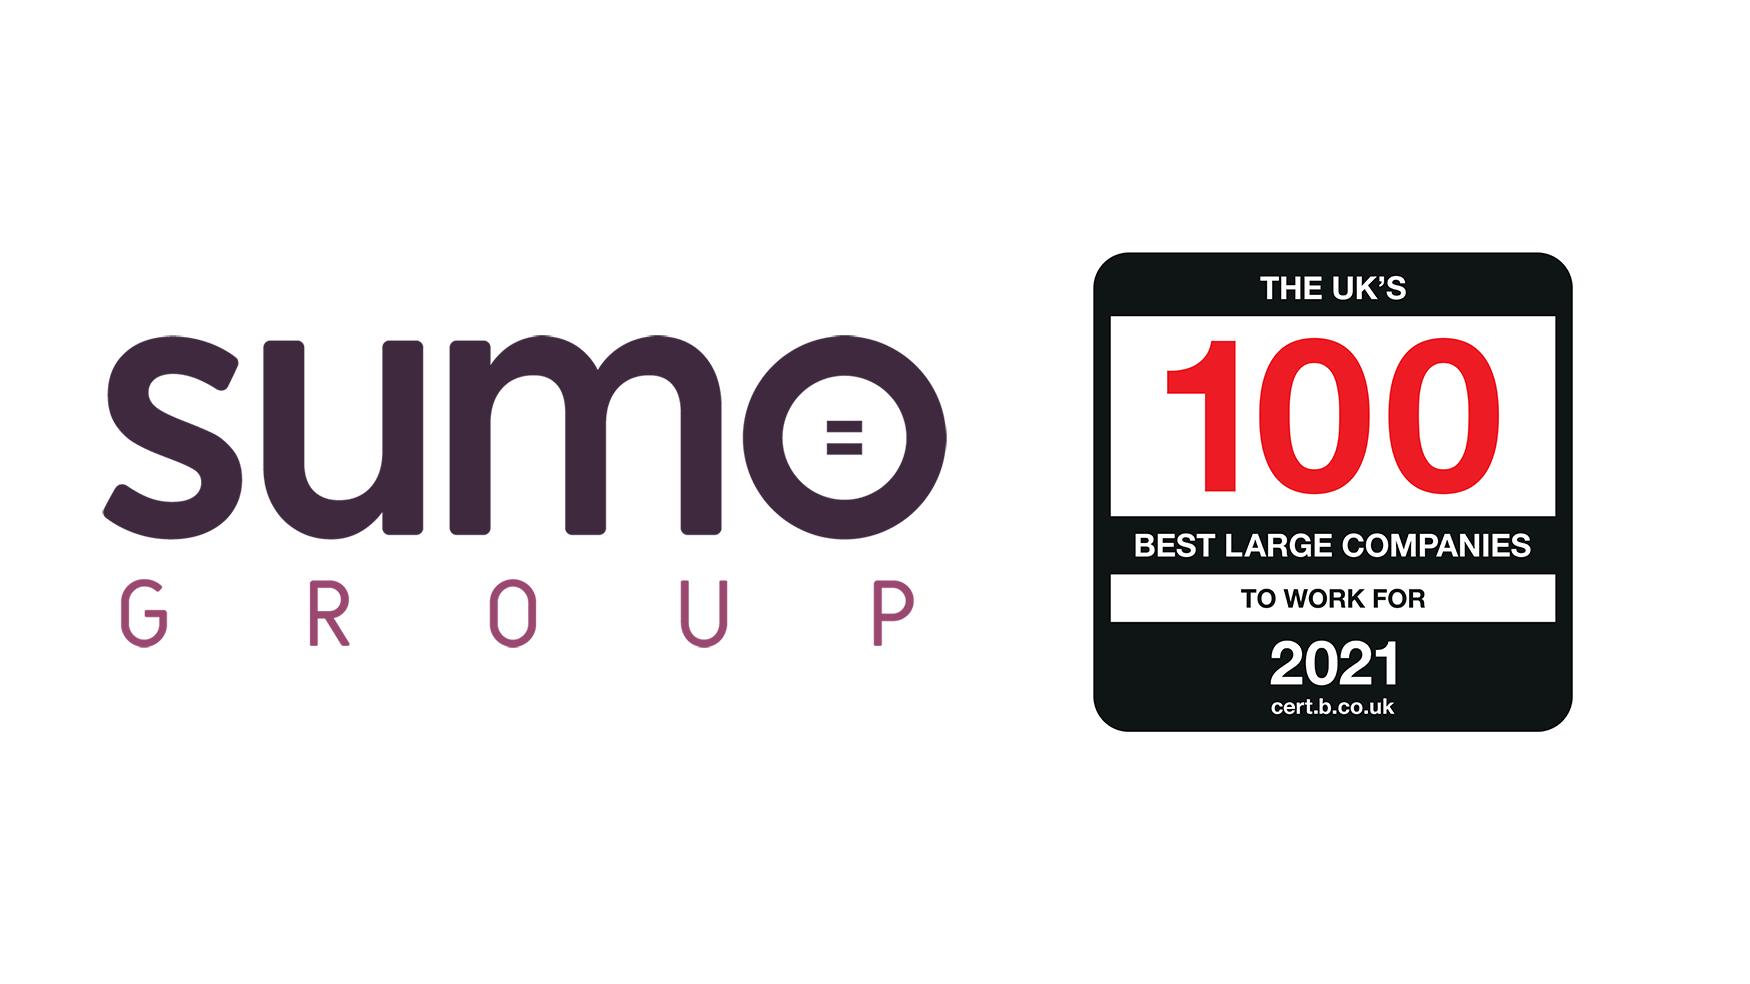 腾讯将以12.7亿美元收购《麻布仔大冒险》开发商Sumo Group